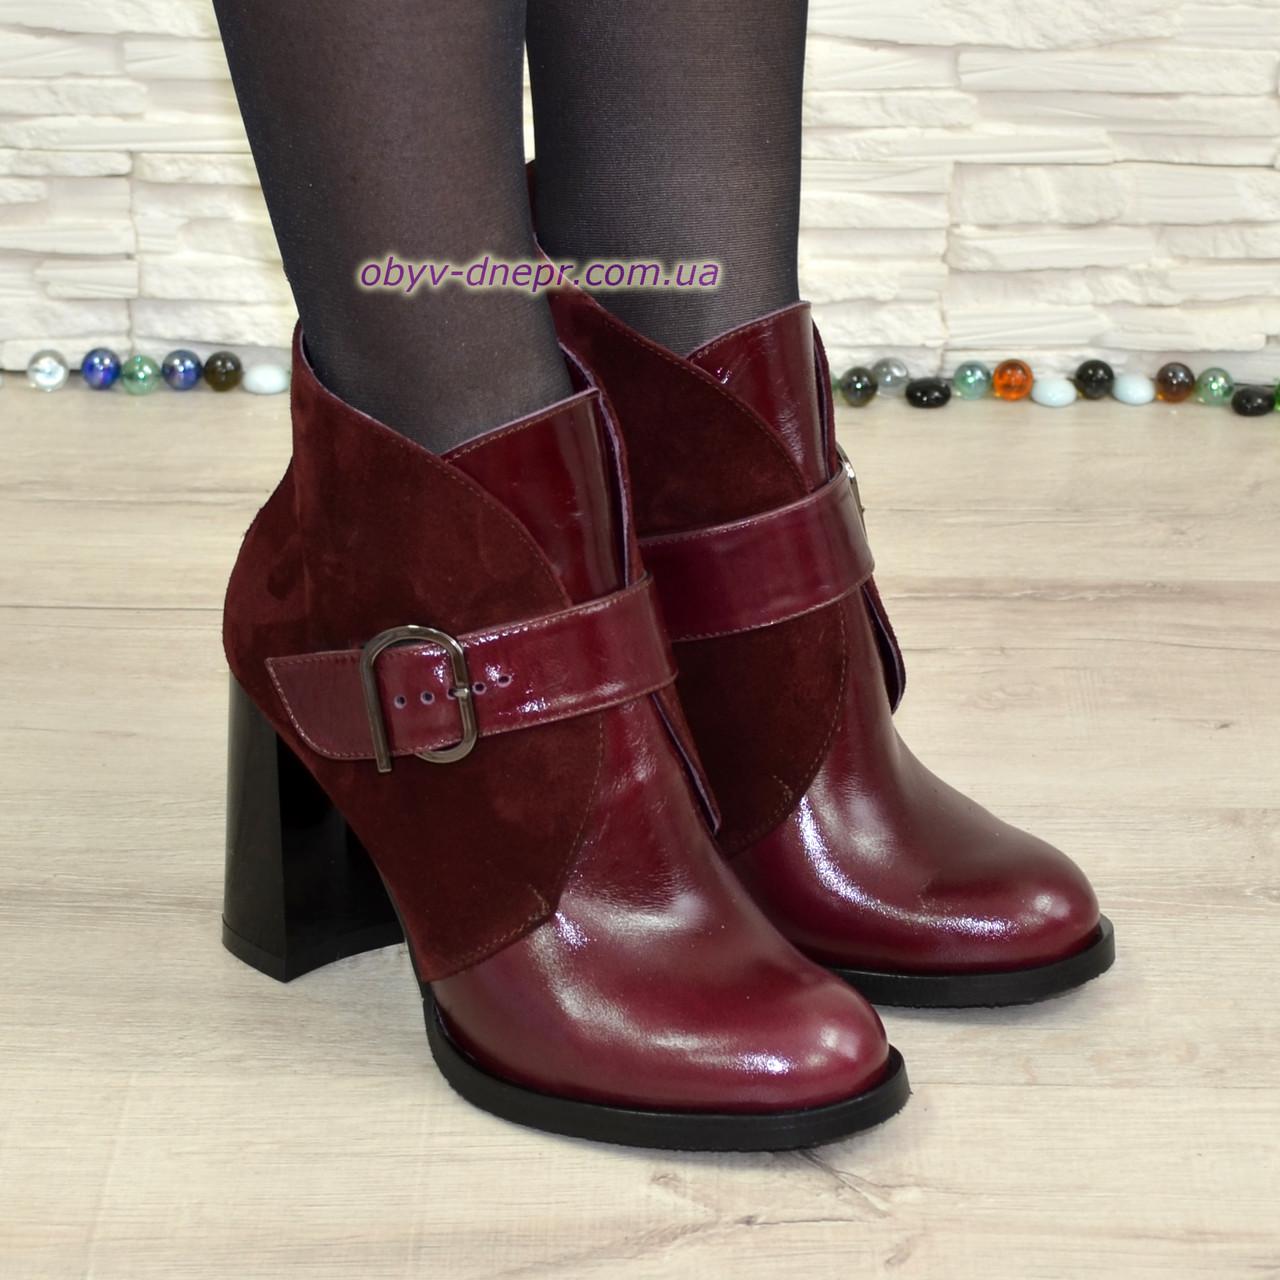 Ботинки бордовые женские на устойчивом каблуке, натуральная кожа и замша